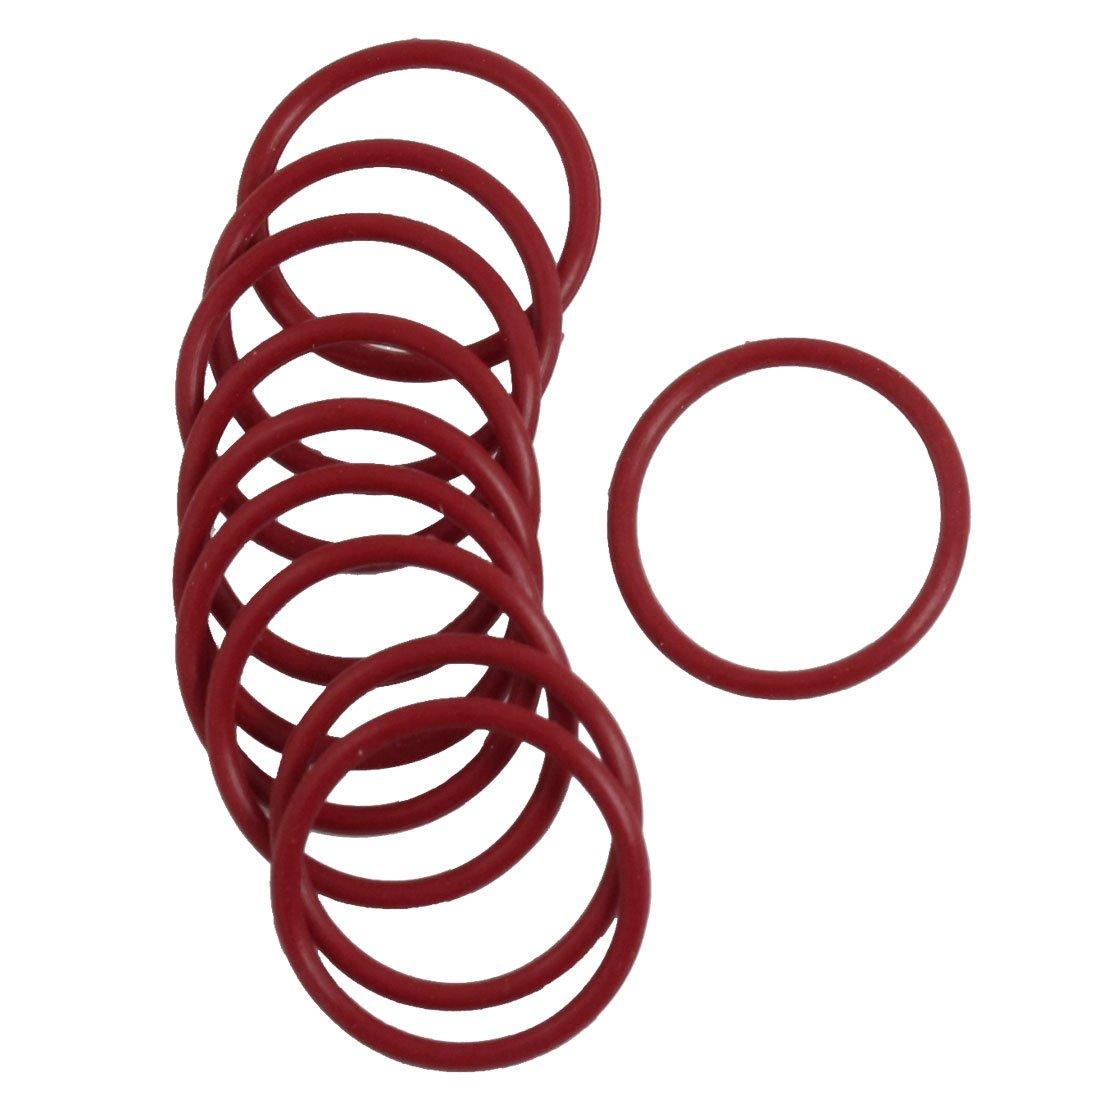 Sourcingmap - 10 pezzi flessibili in gomma o ring di tenuta sostituzione rondella 26 millimetri rosso x 2mm a13030700ux0442